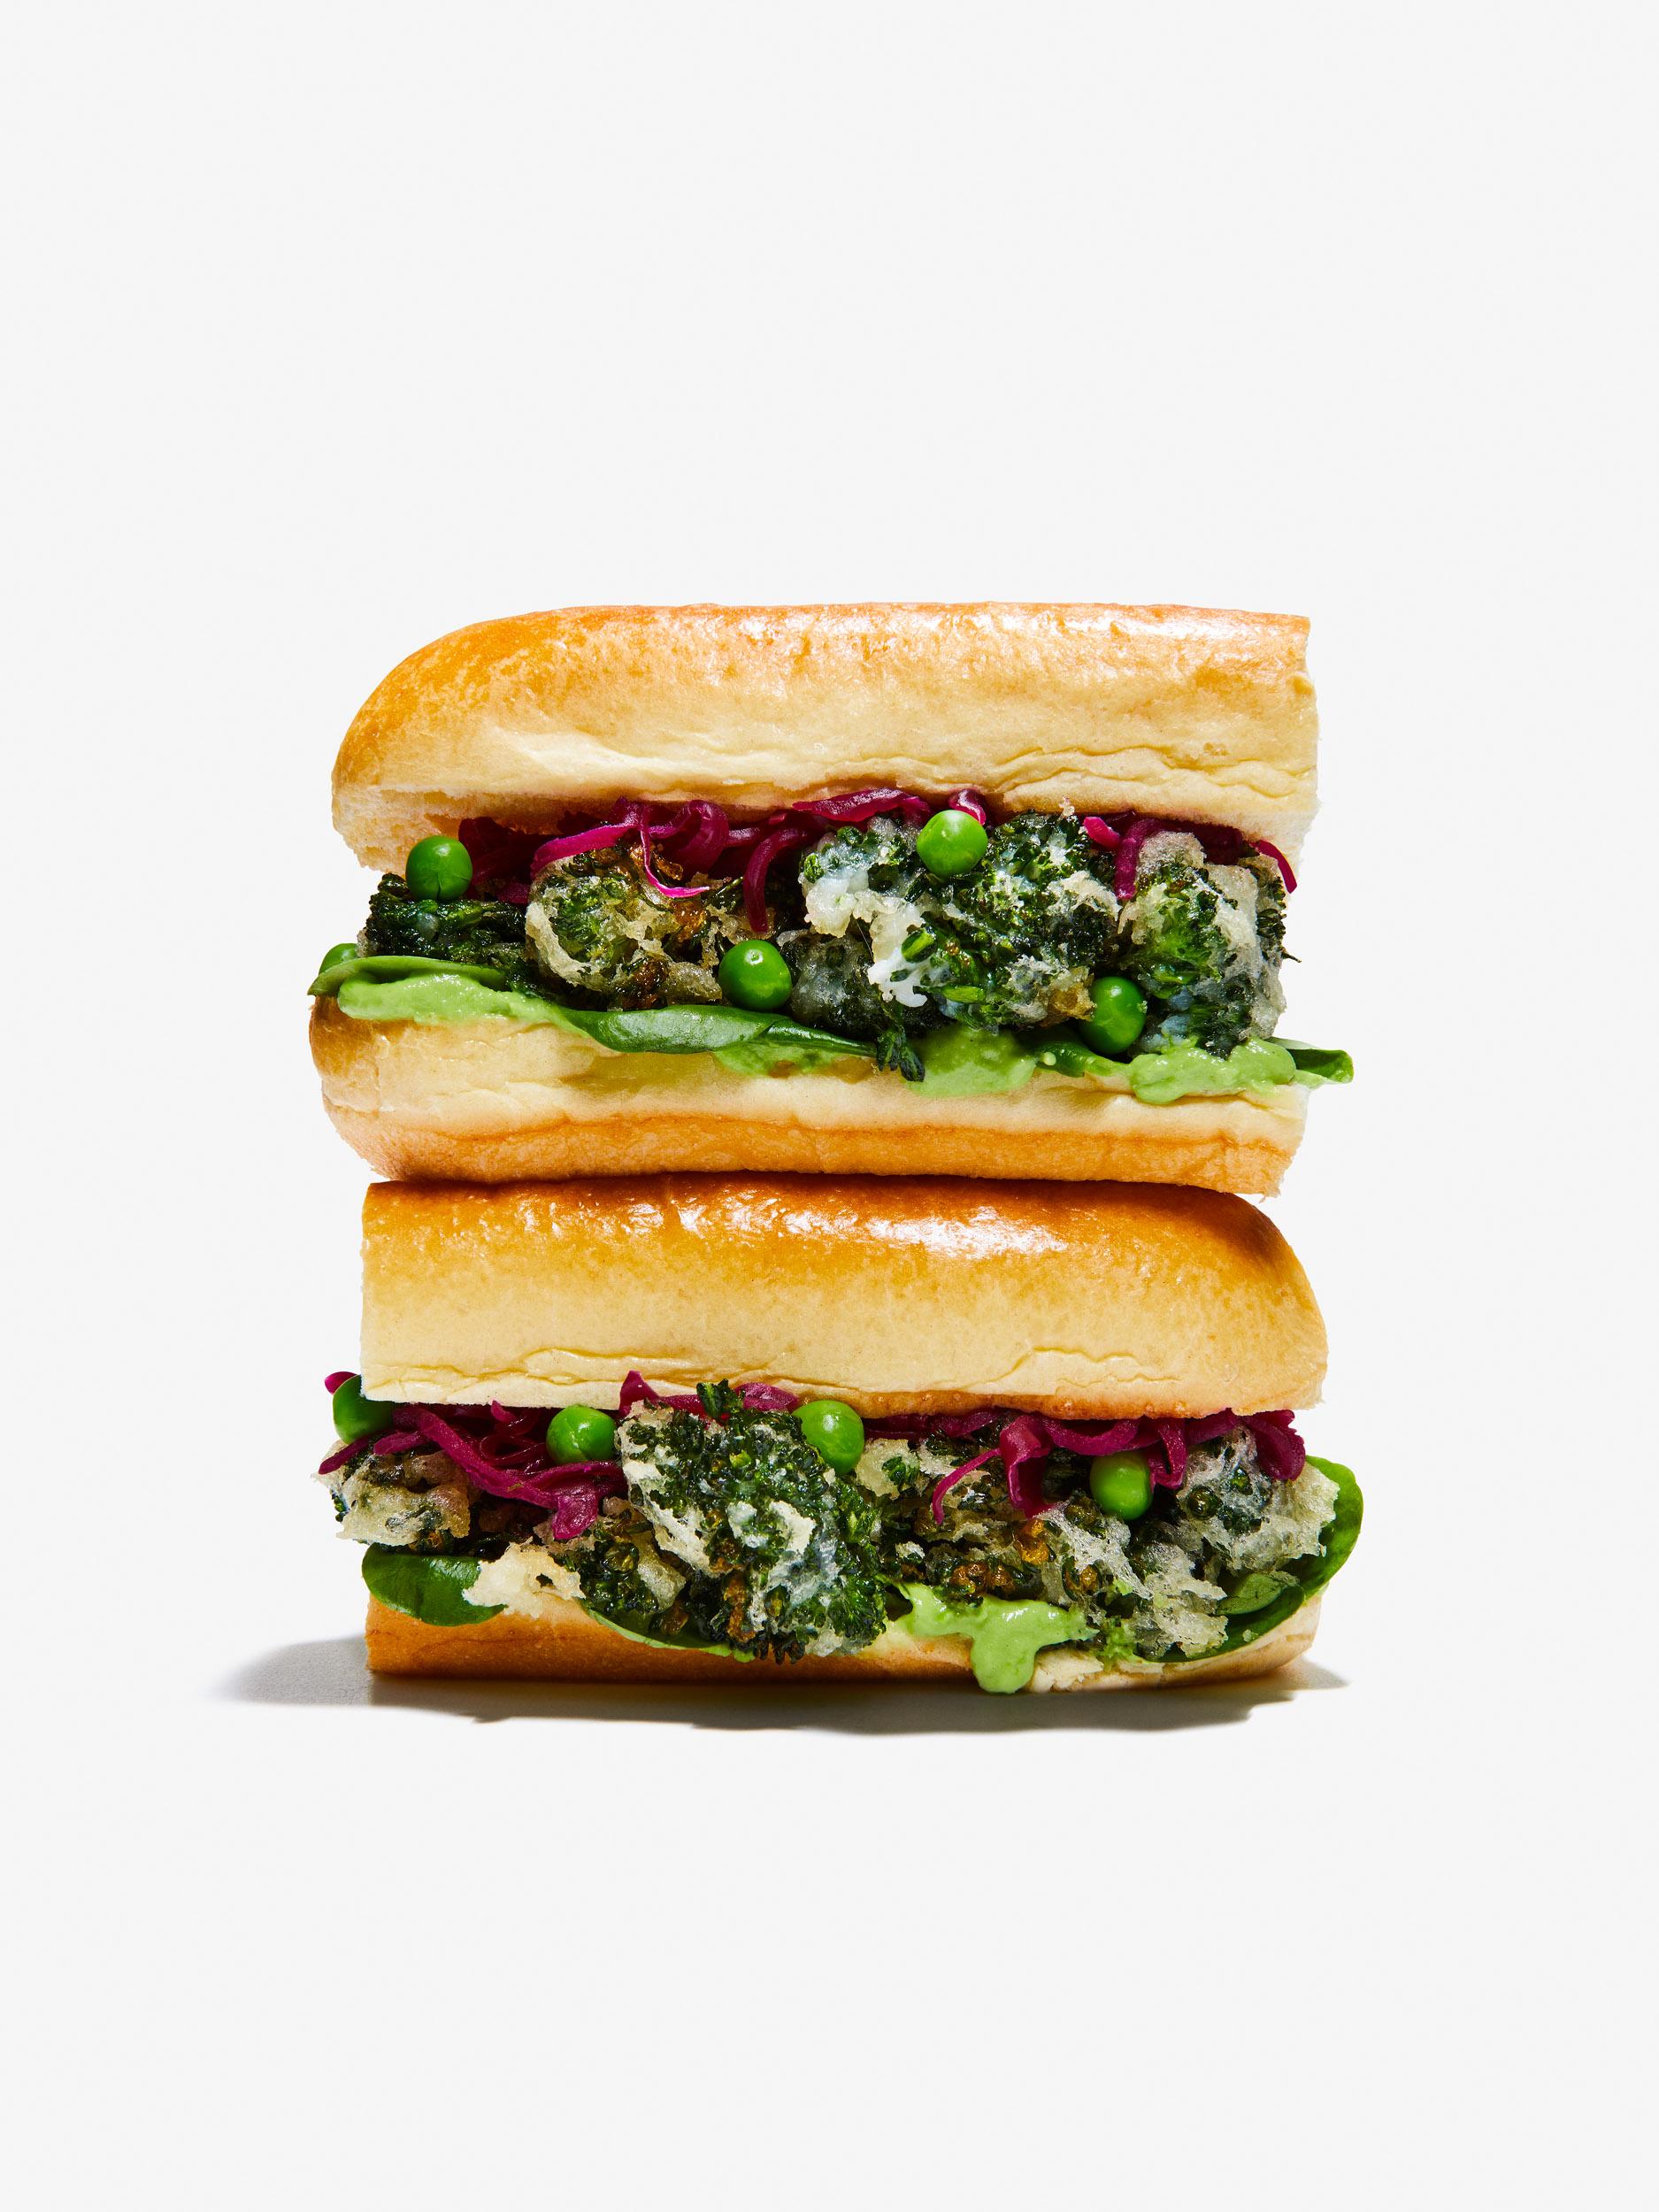 20180831 MH Sandwiches 04-2352 hero stich.jpg